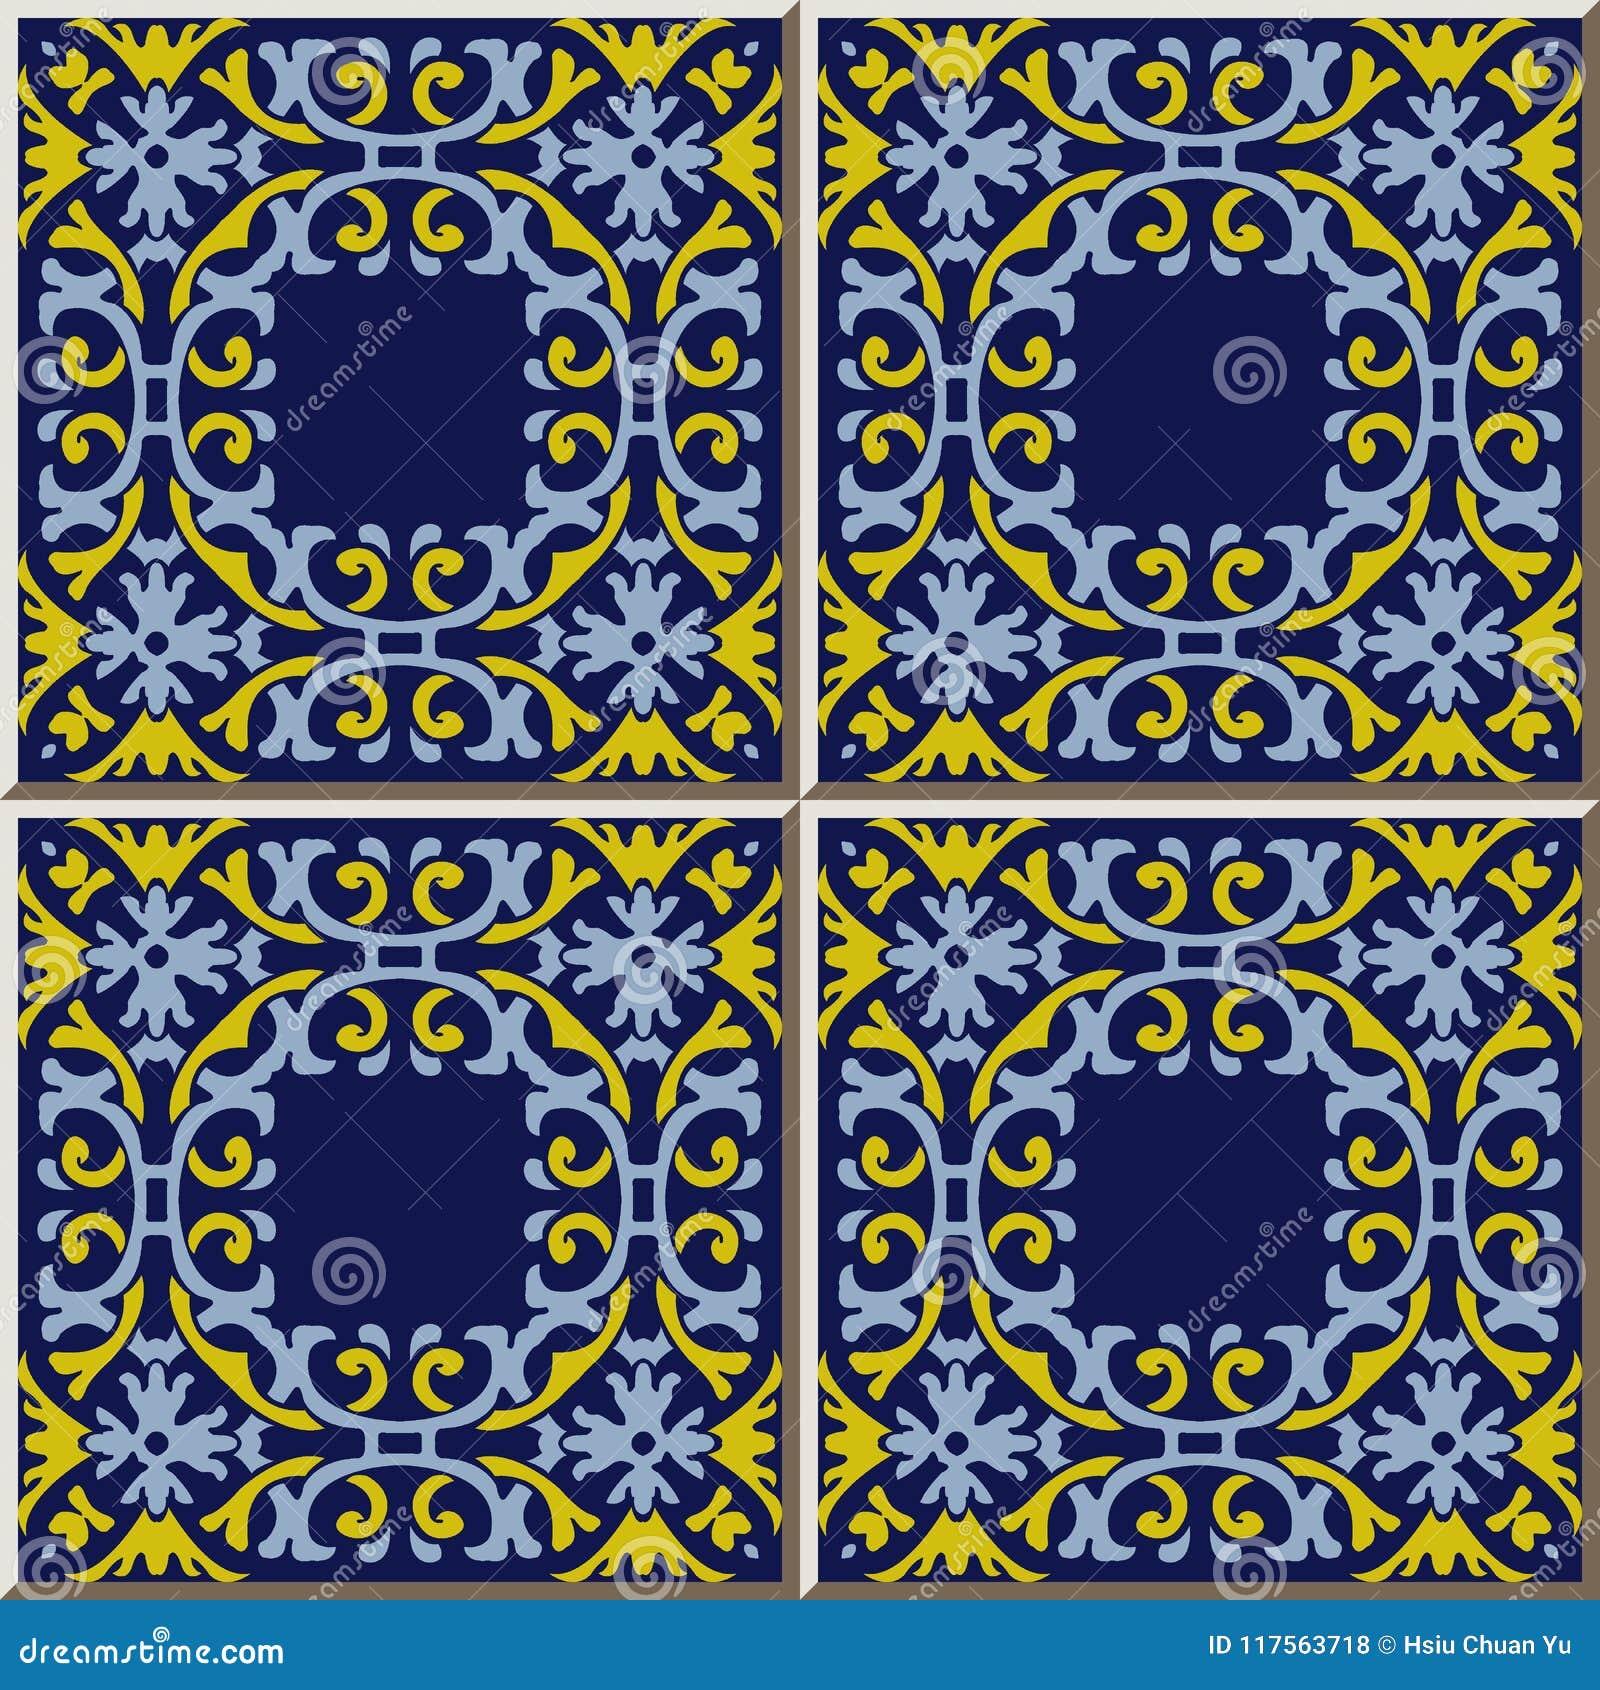 Ceramicznej płytki wzoru spirali krzywy kwadrata krzyża ramy łańcuchu flowe